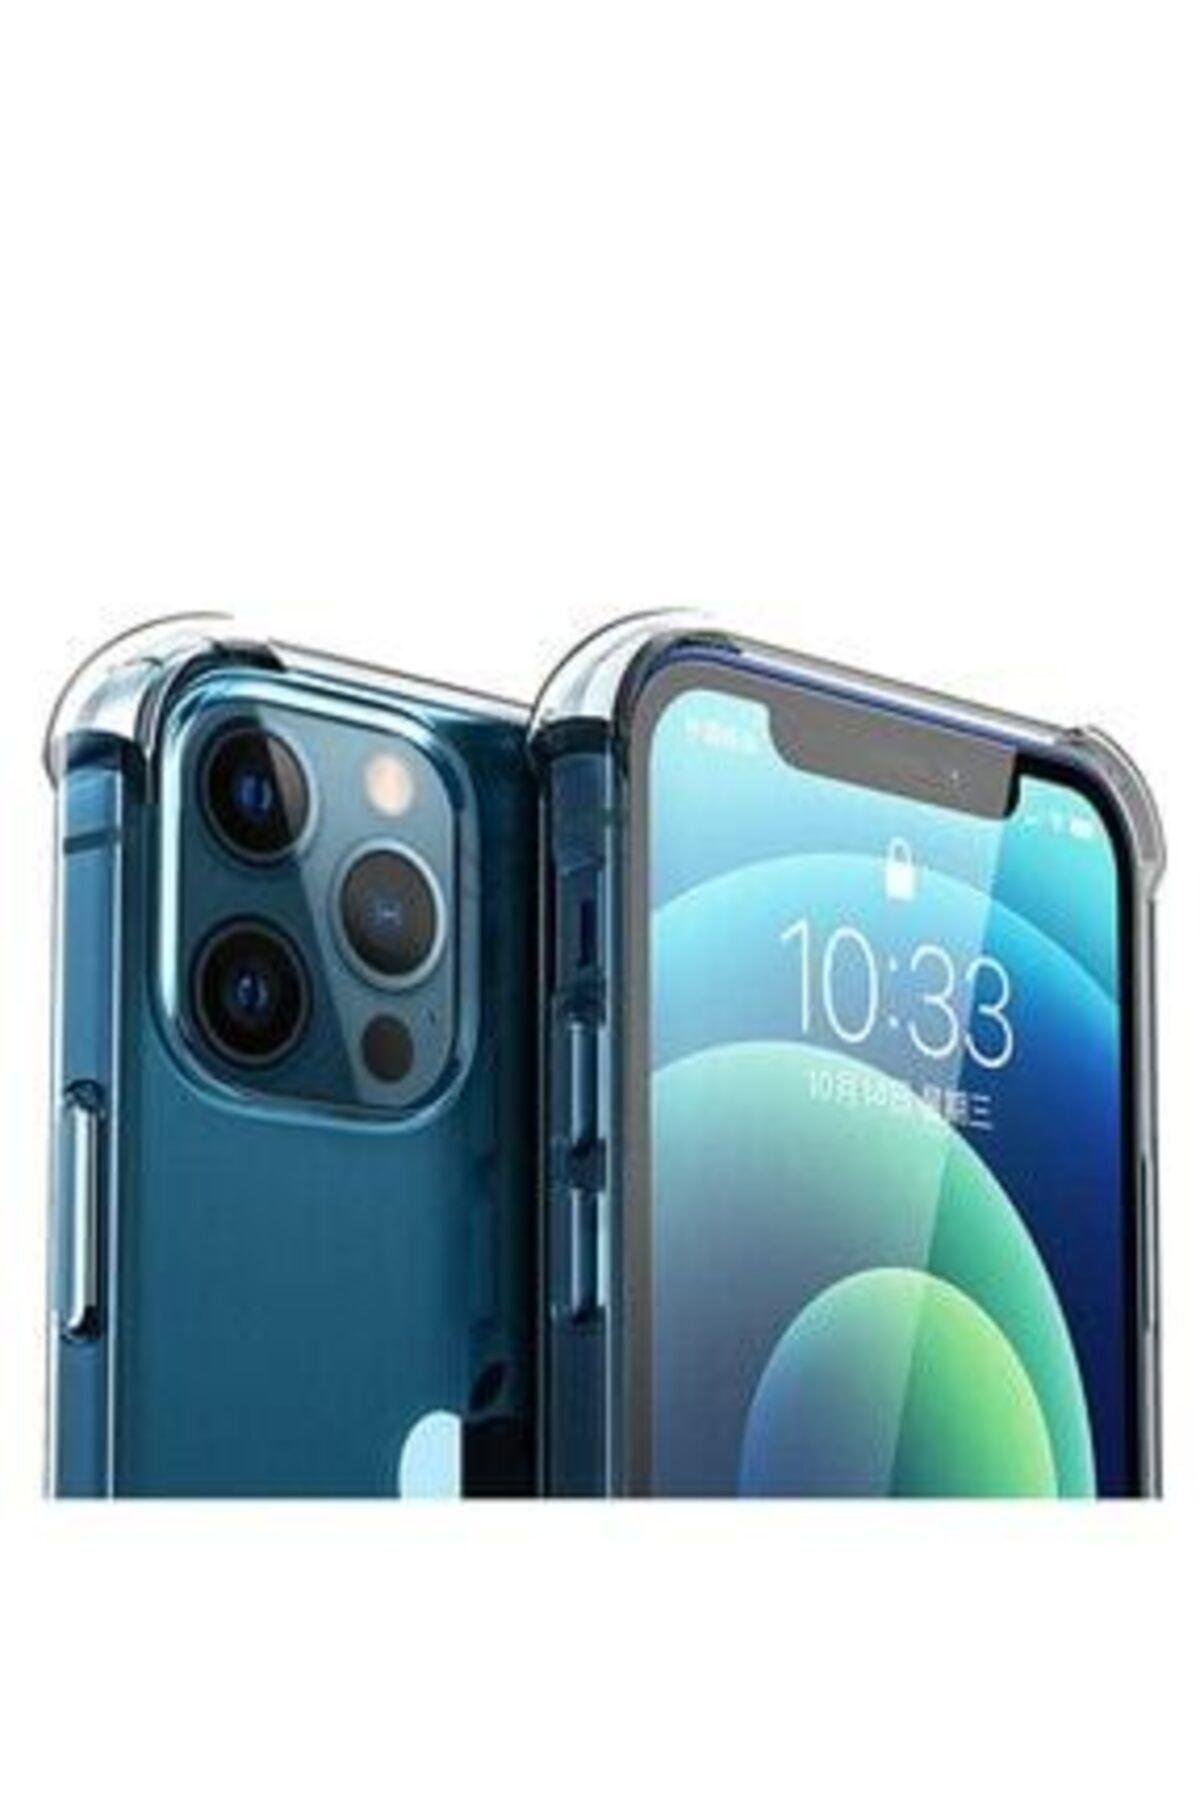 """LOOVİTECH Iphone 12 Pro Max 6.7"""" Kılıf Antishock Silikon Köşeli Şeffaf Airbag Arka Kapak 1"""